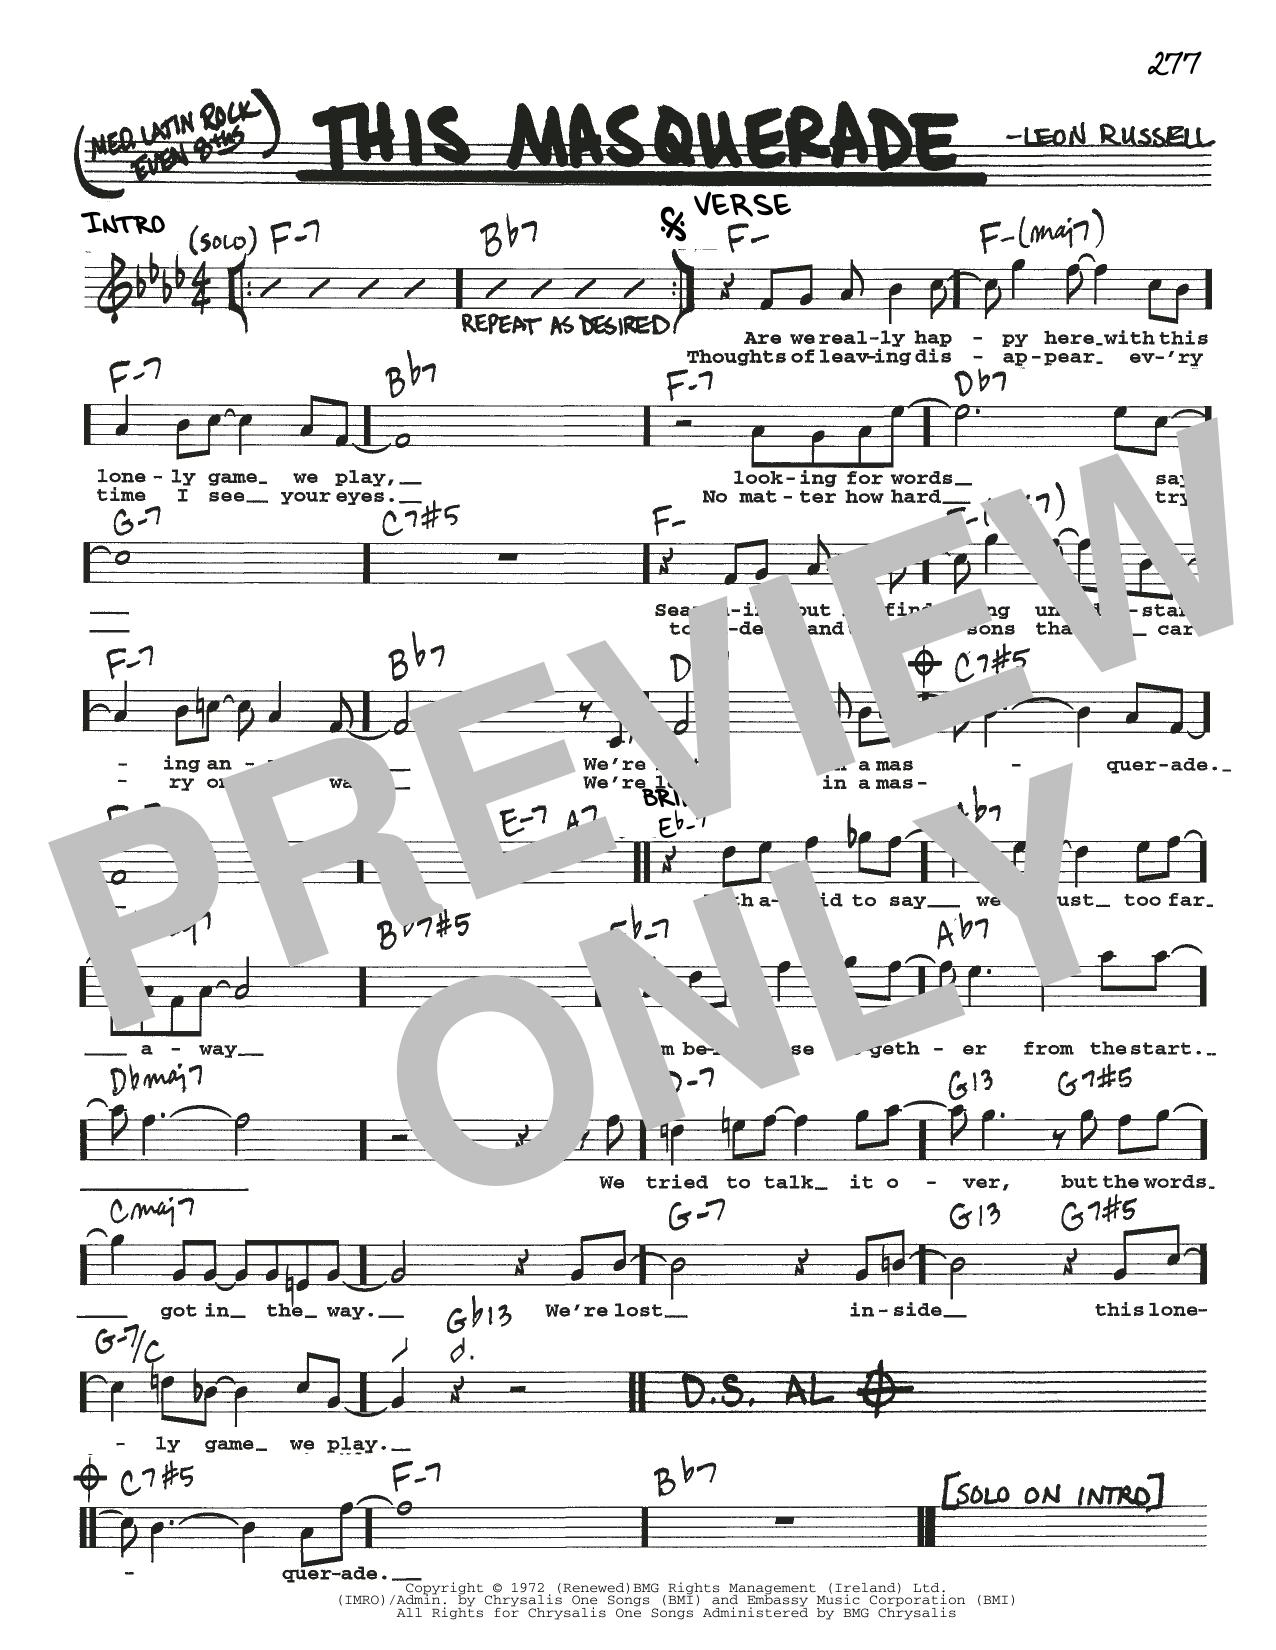 Partition autre This Masquerade de Leon Russell - Real Book, Melodie, Paroles et Accords, Inst. En Do